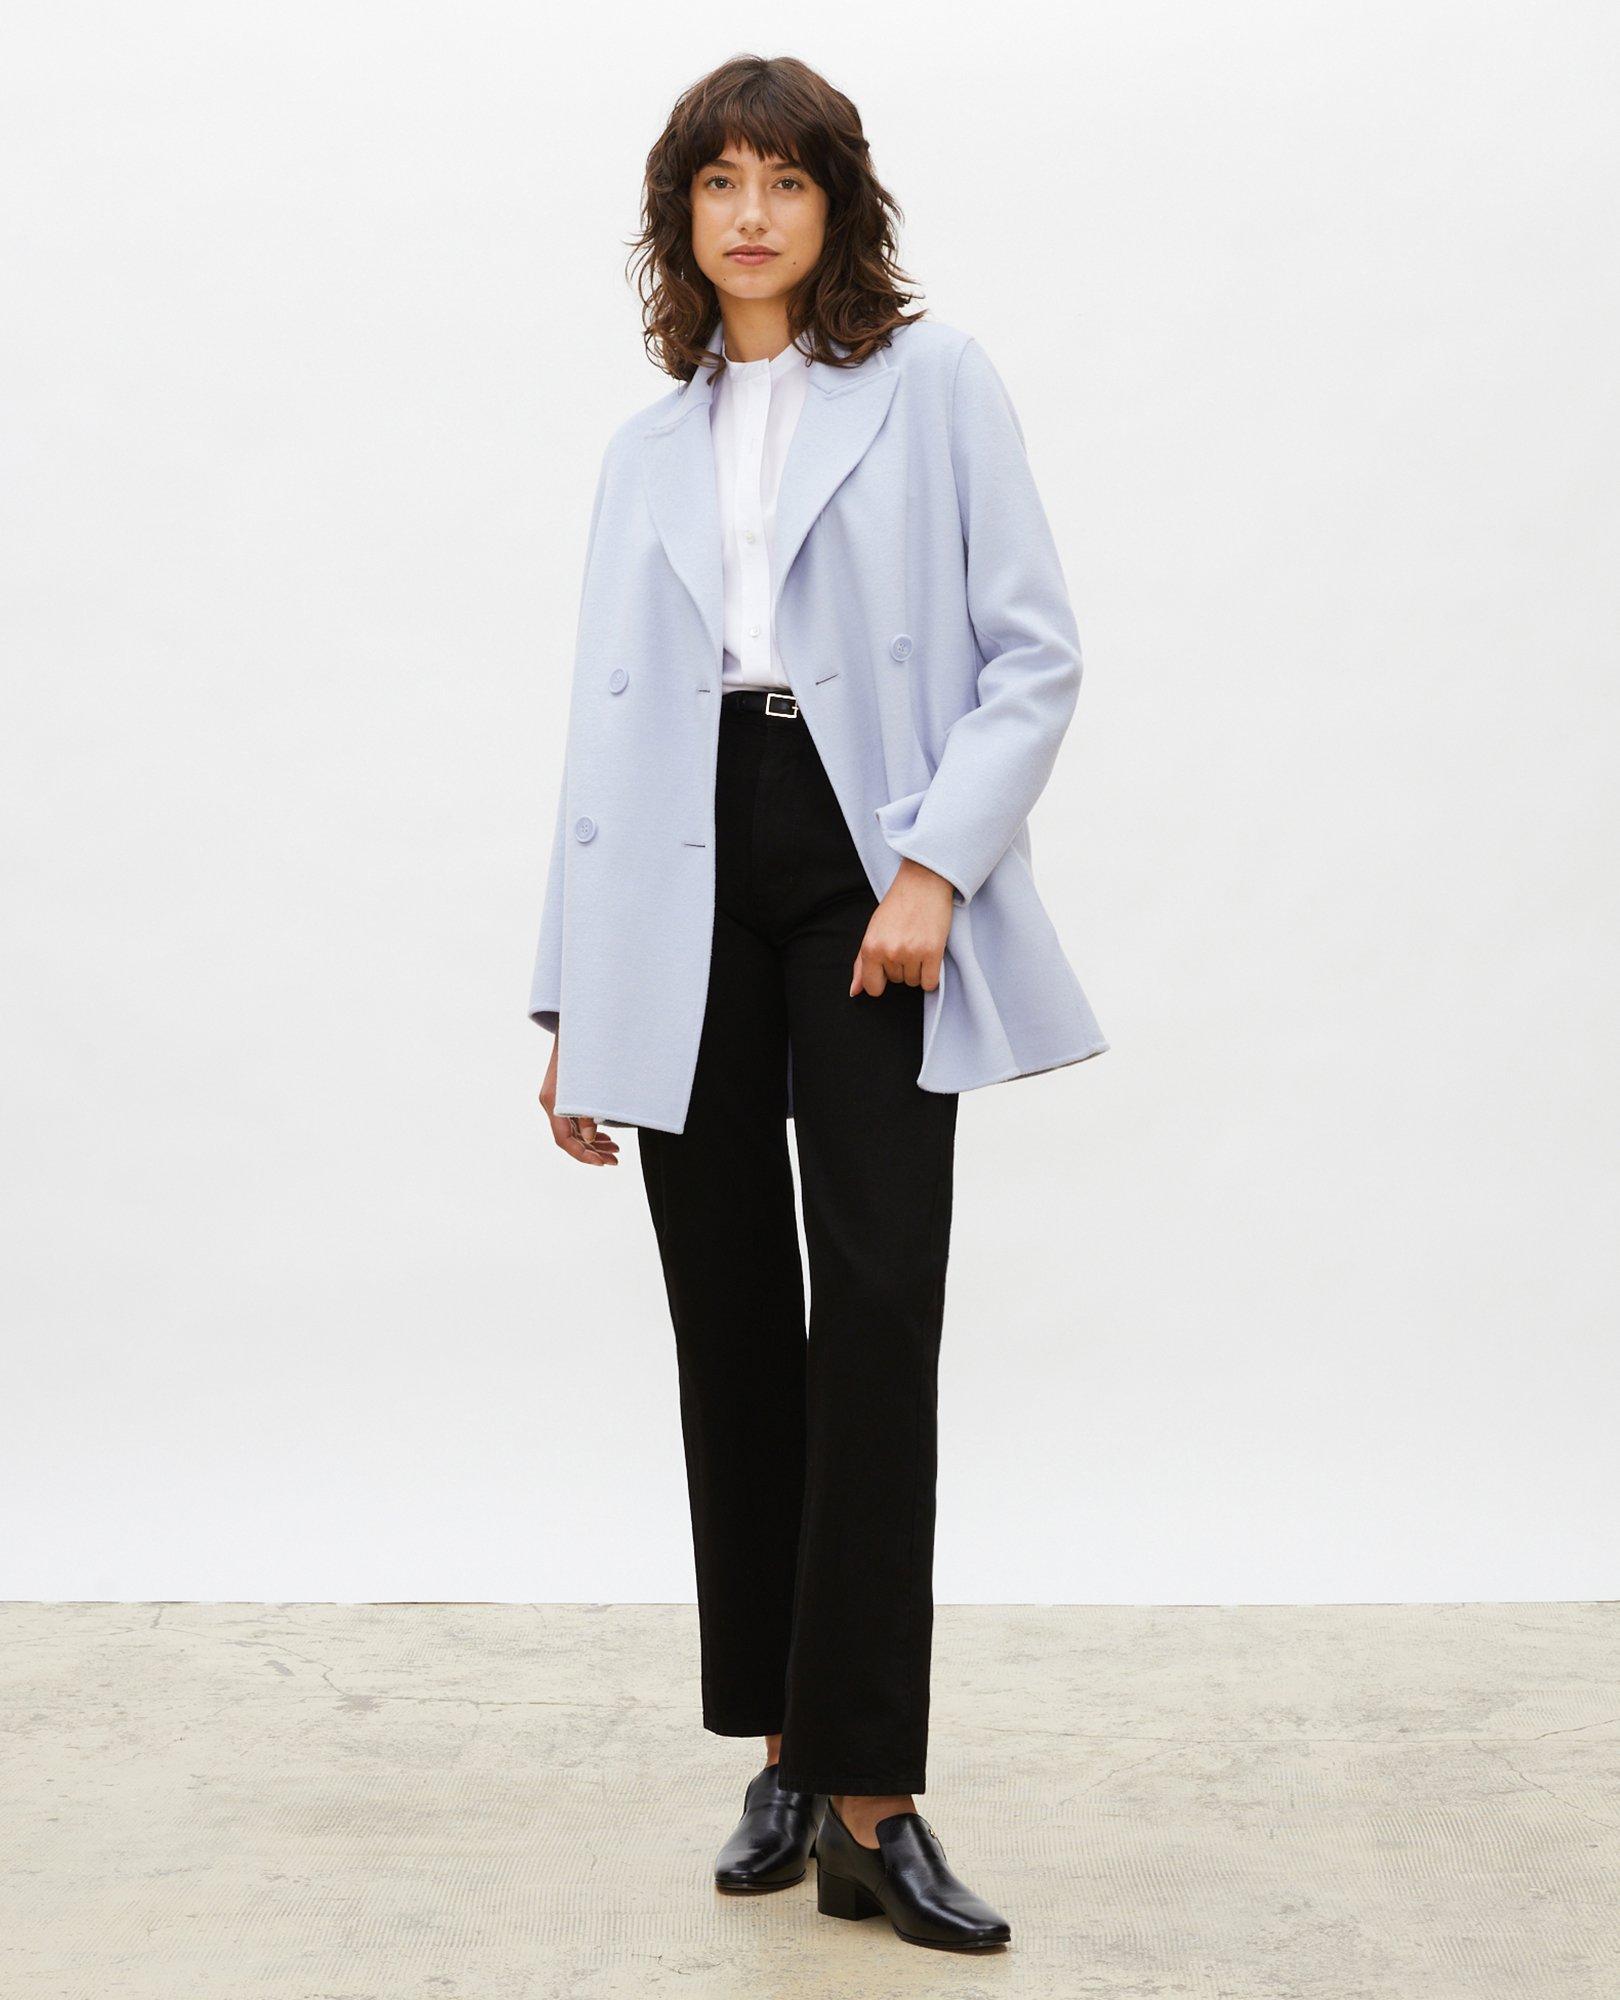 Manteau caban en lainage double